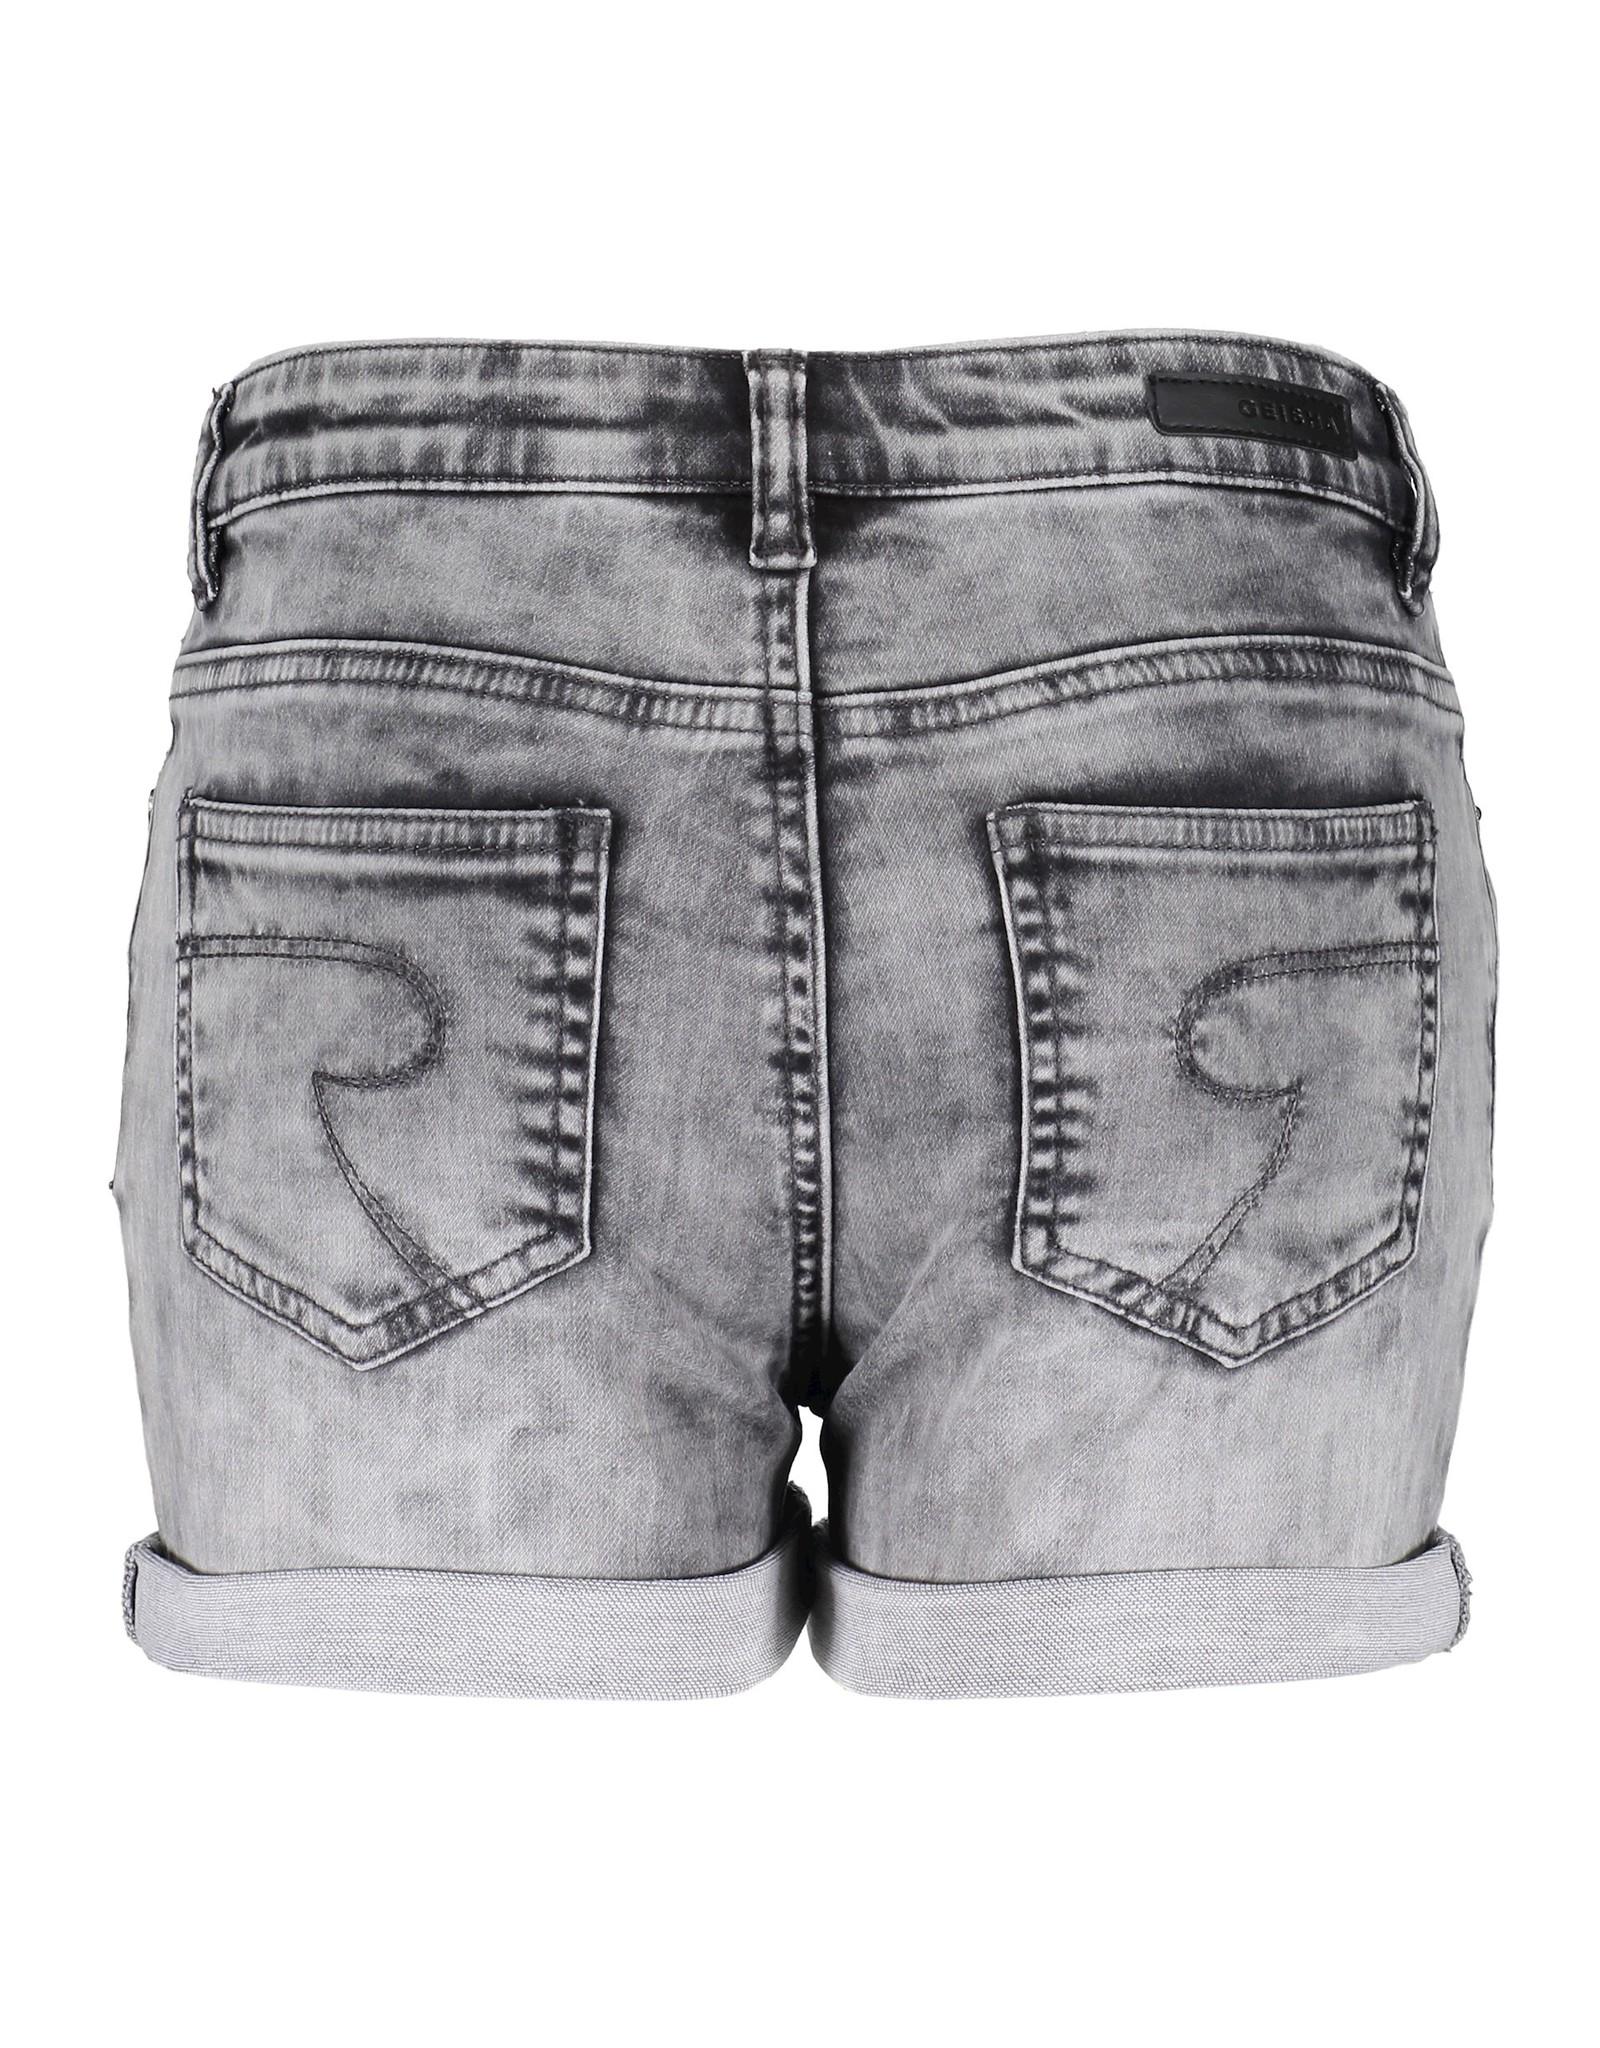 Geisha Shorts with lace at waist